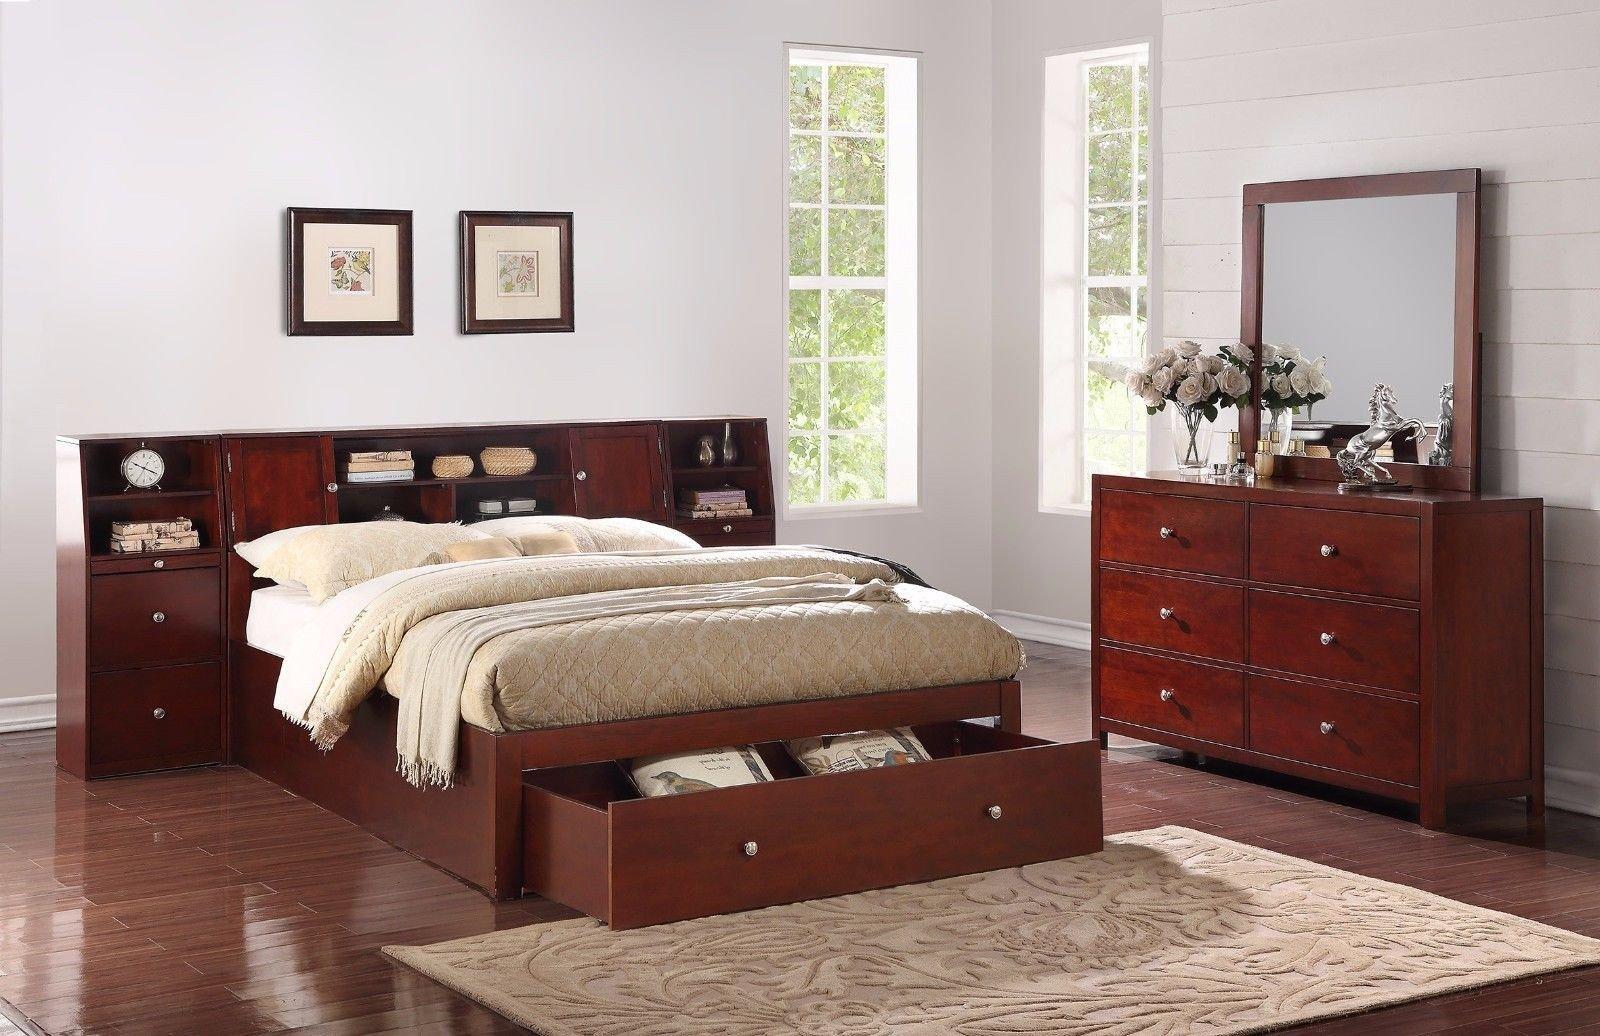 Cheap Bedroom Furniture Set Luxury Bedroom 4pc Set Queen Bed W Storage Drawer Shelf Nightstand